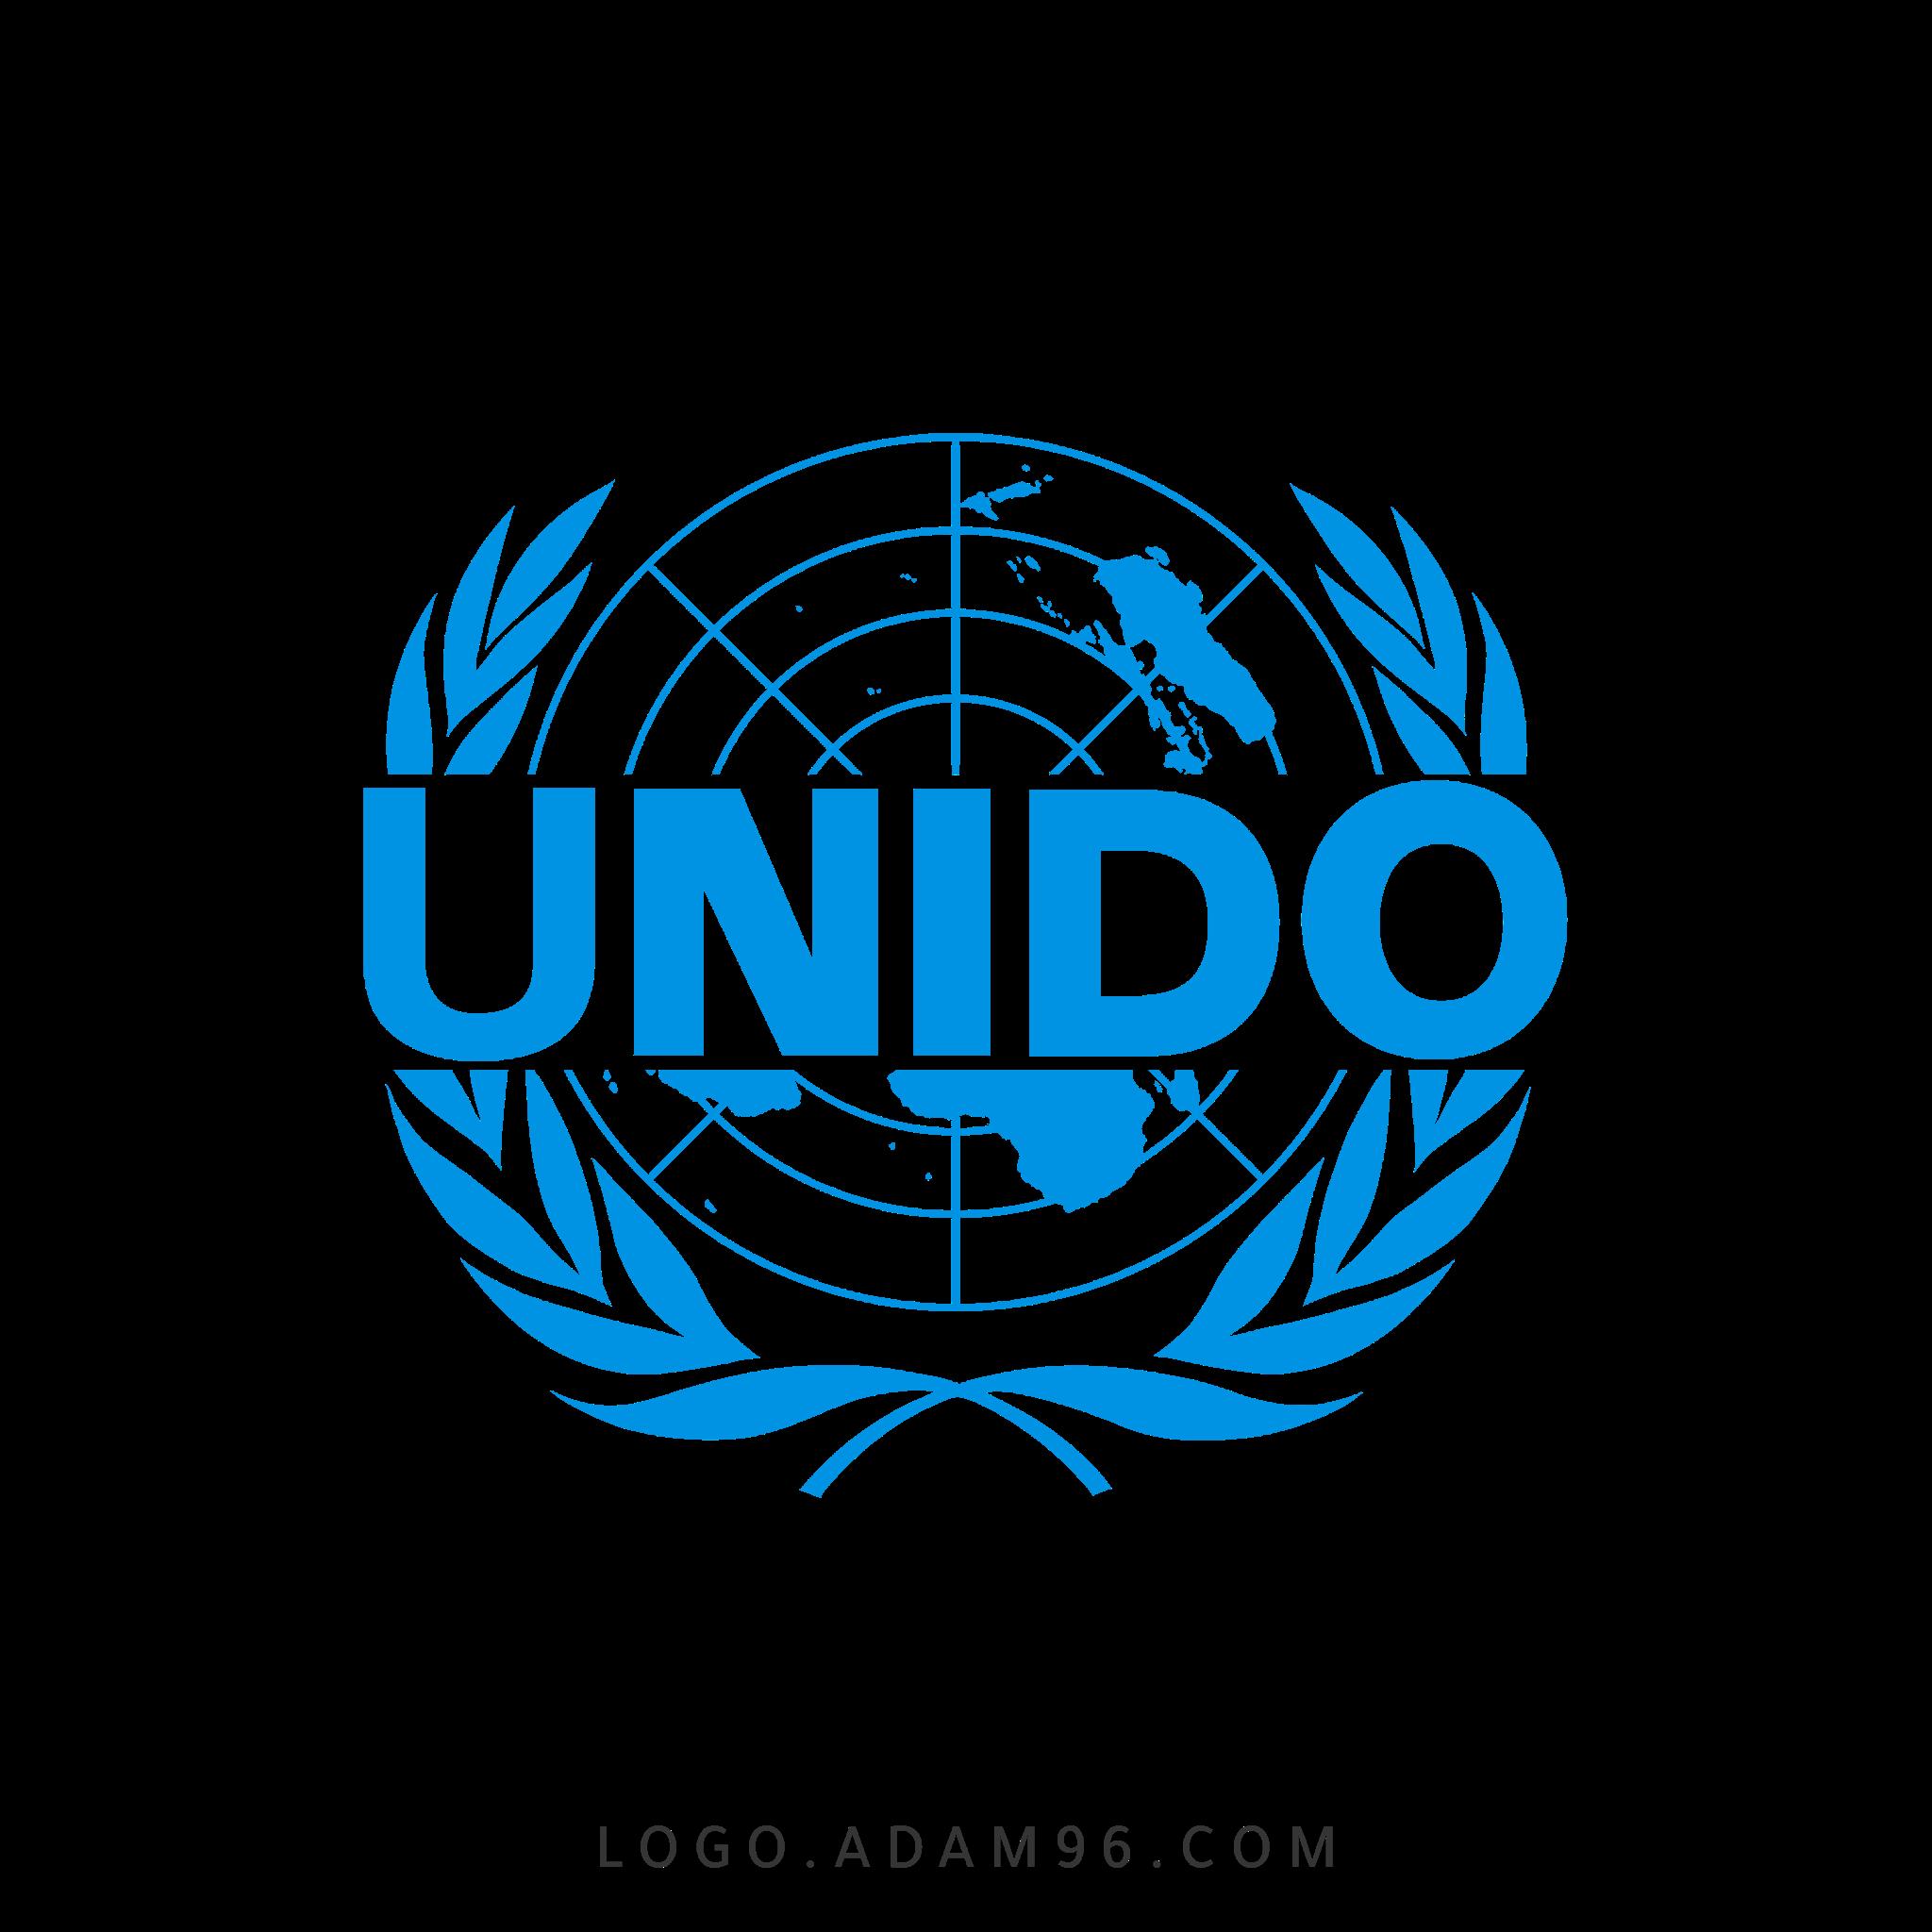 تحميل شعار منظمة الأمم المتحدة للتنمية الصناعية LOGO UNIDO PNG